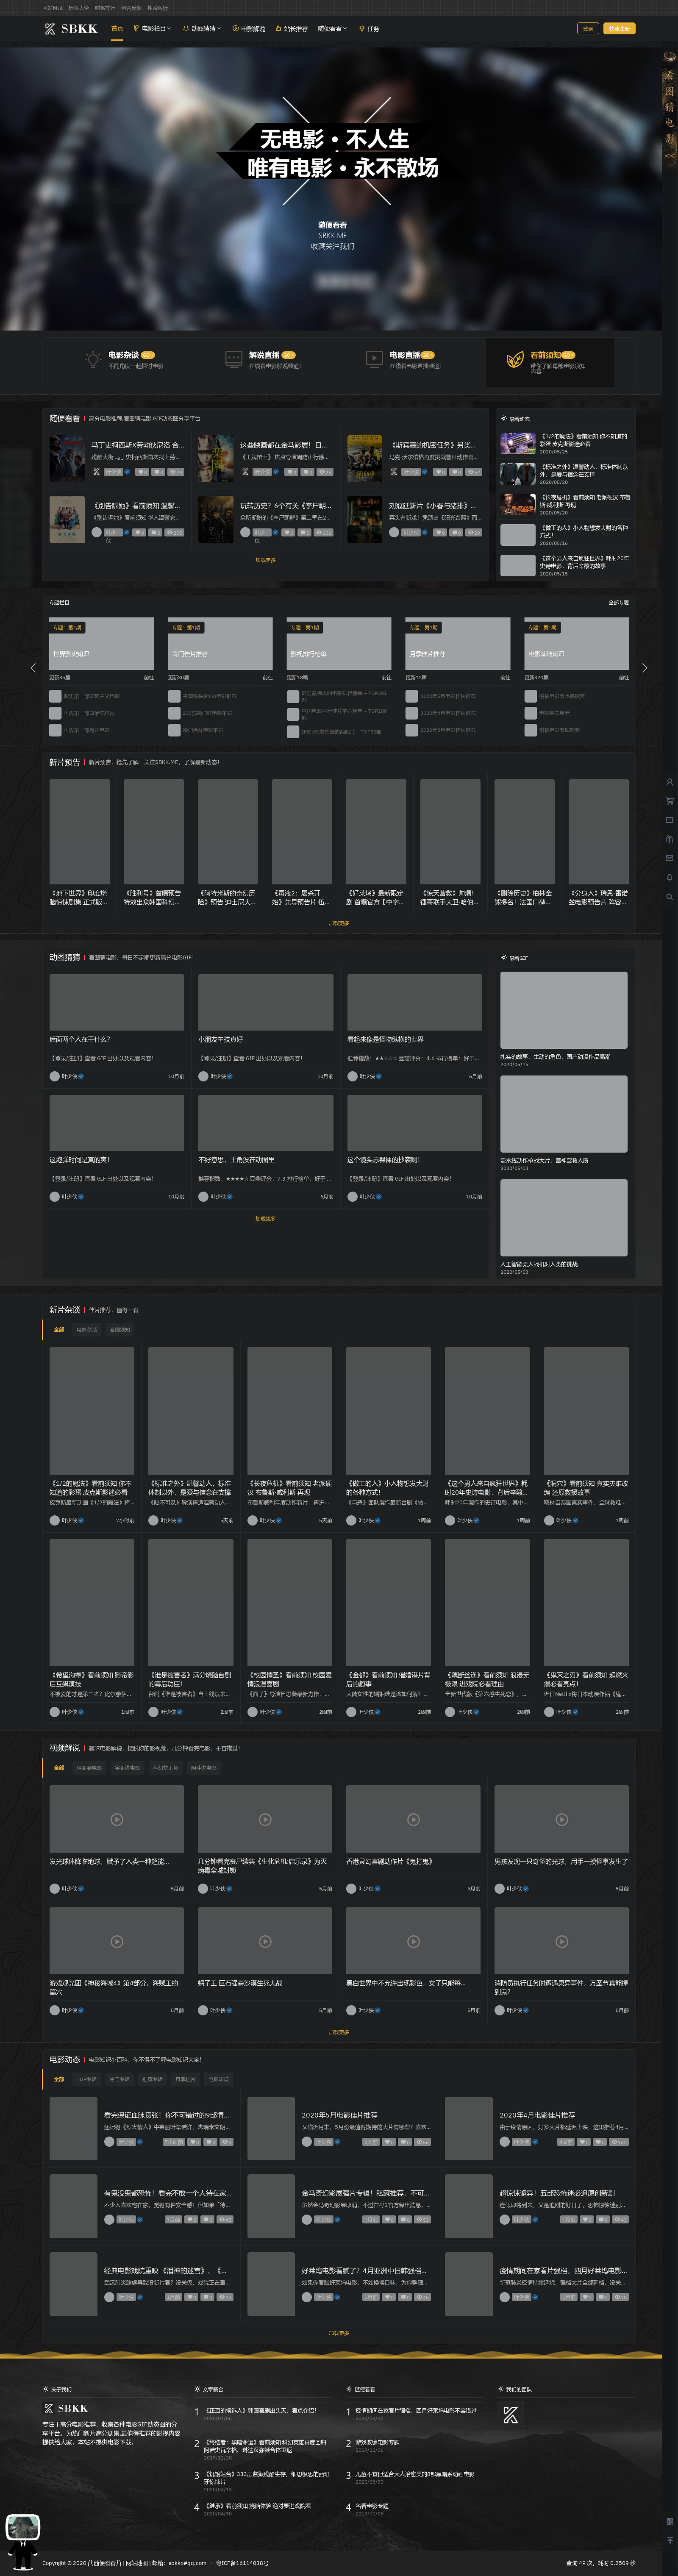 随便看看 - 高分电影推荐,看图猜电影,GIF动态图分享平台